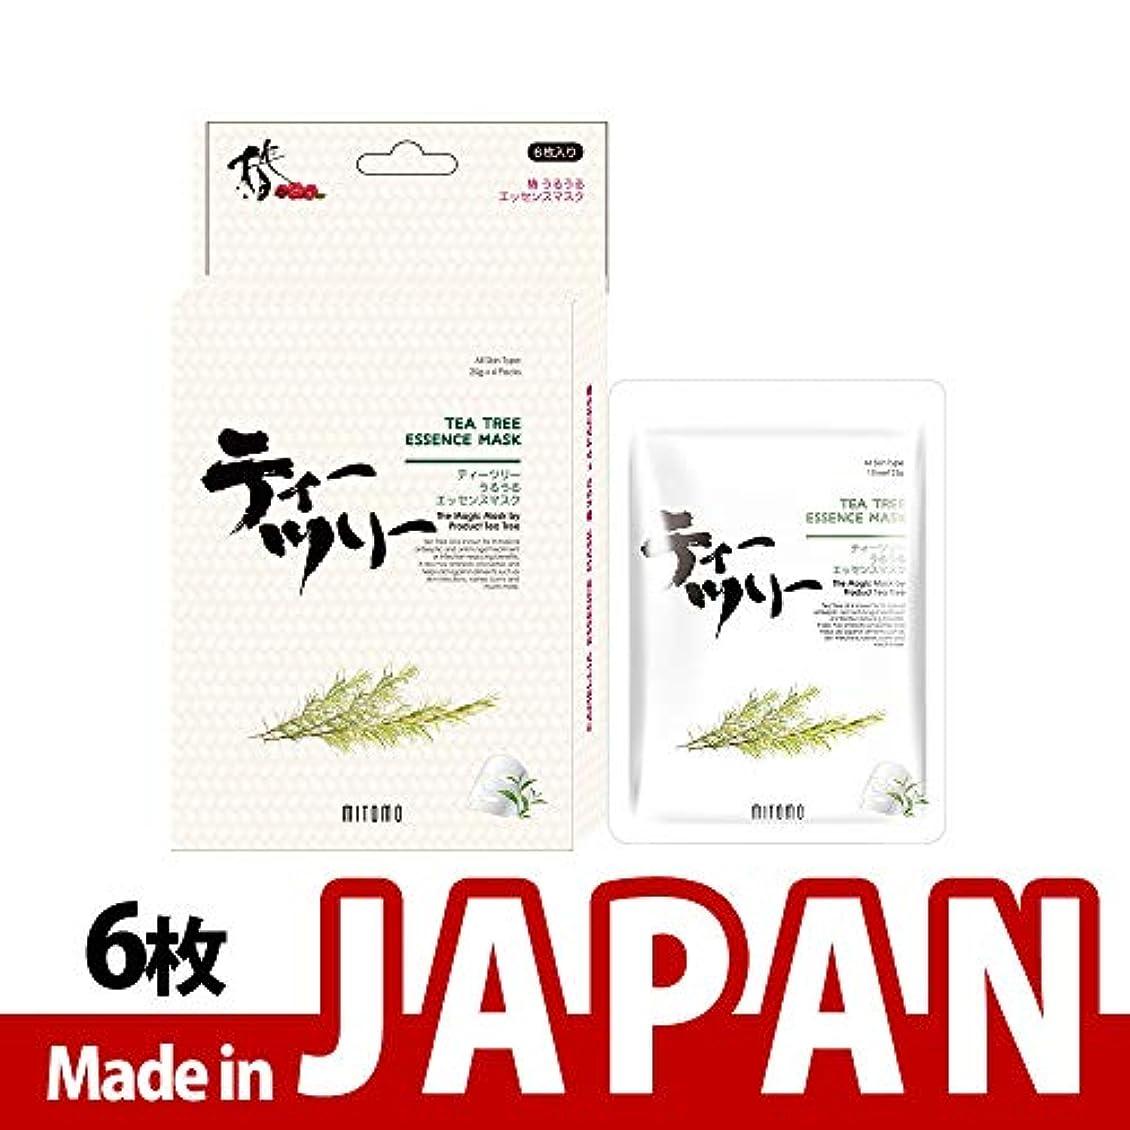 光鳥その結果【JP512-D-1】ティーツリー シートマスク/6枚入り/6枚/美容液/マスクパック/送料無料